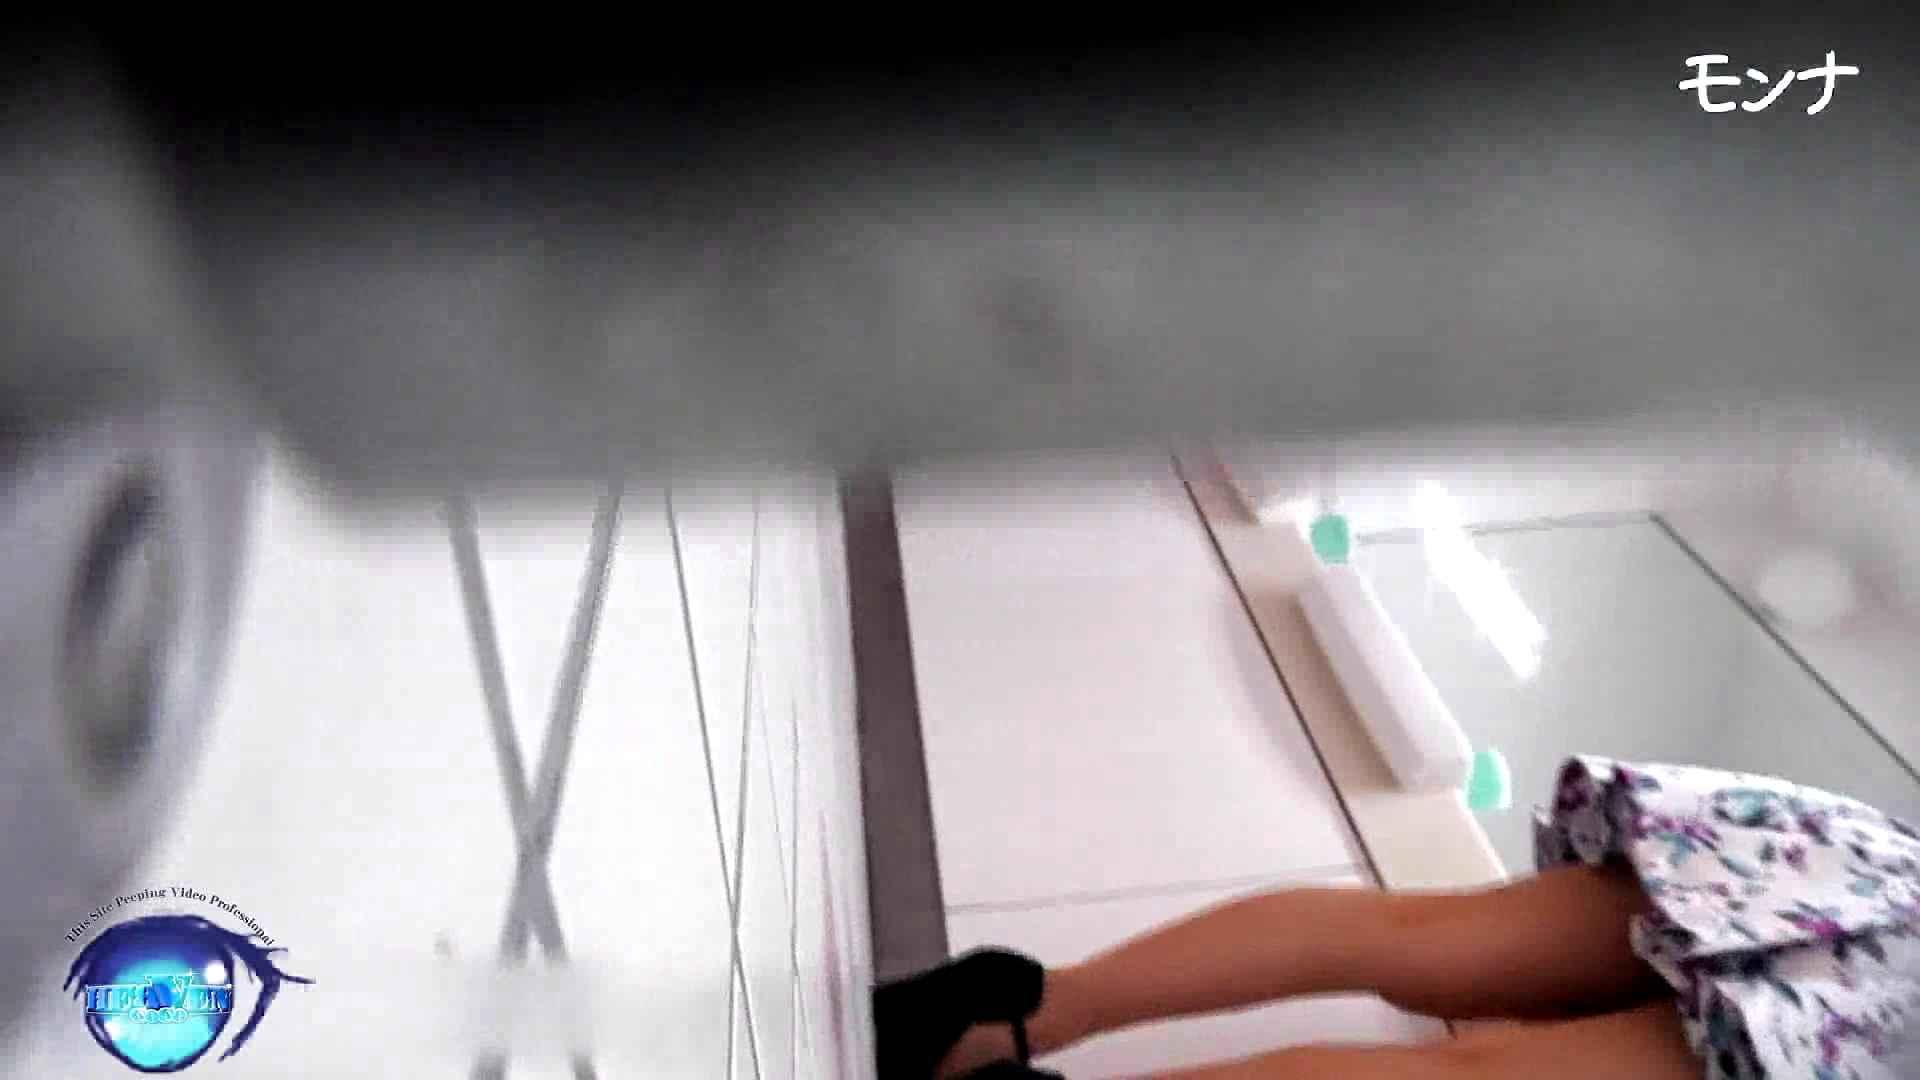 【美しい日本の未来】美しい日本の未来 No.81更なる冒険、狂っているように二人美女を追跡 美女  110連発 26